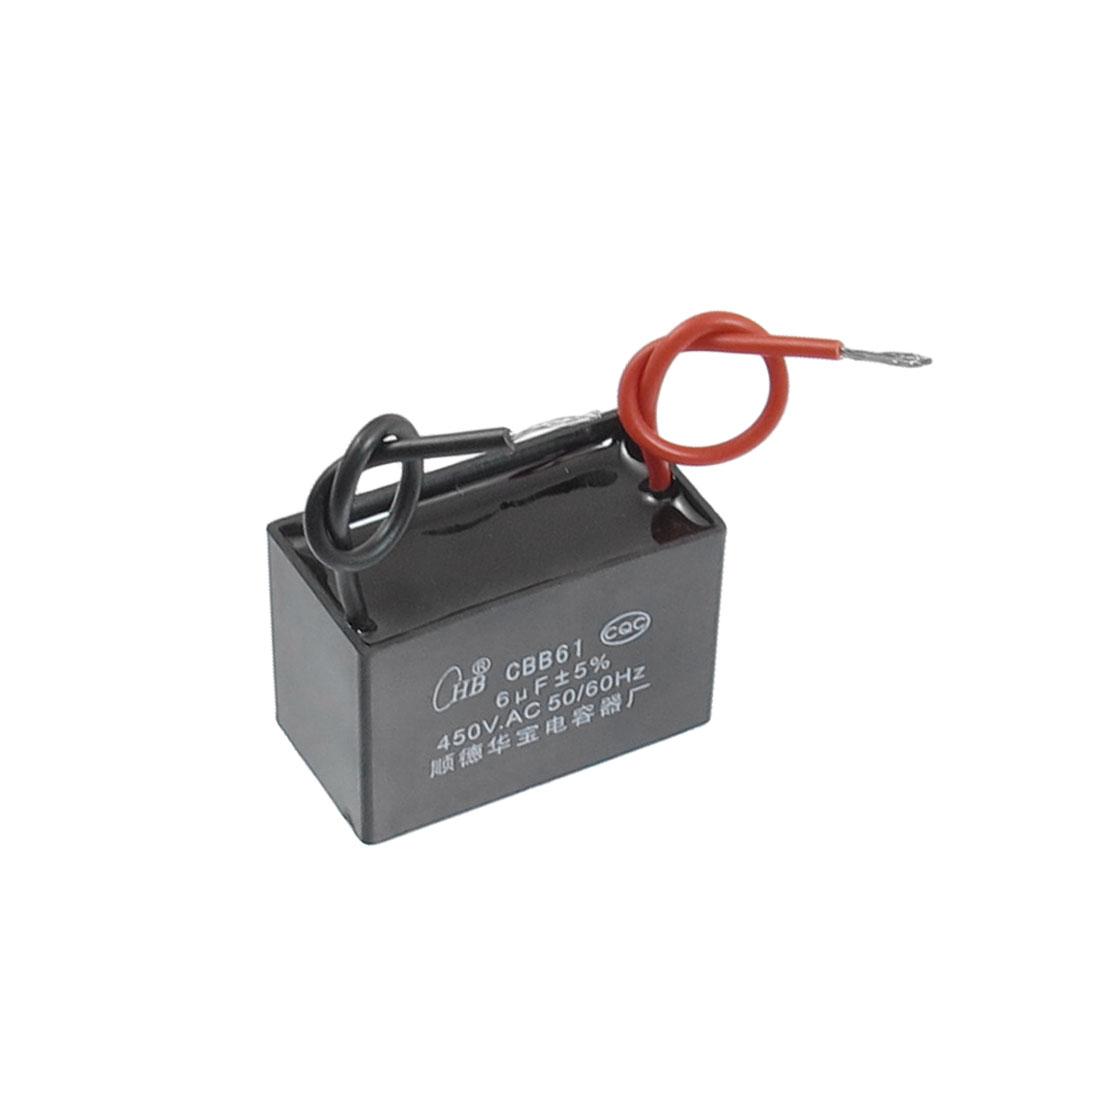 CBB61 AC 450V 6uF Rectangle Non Polar Motor Capacitor